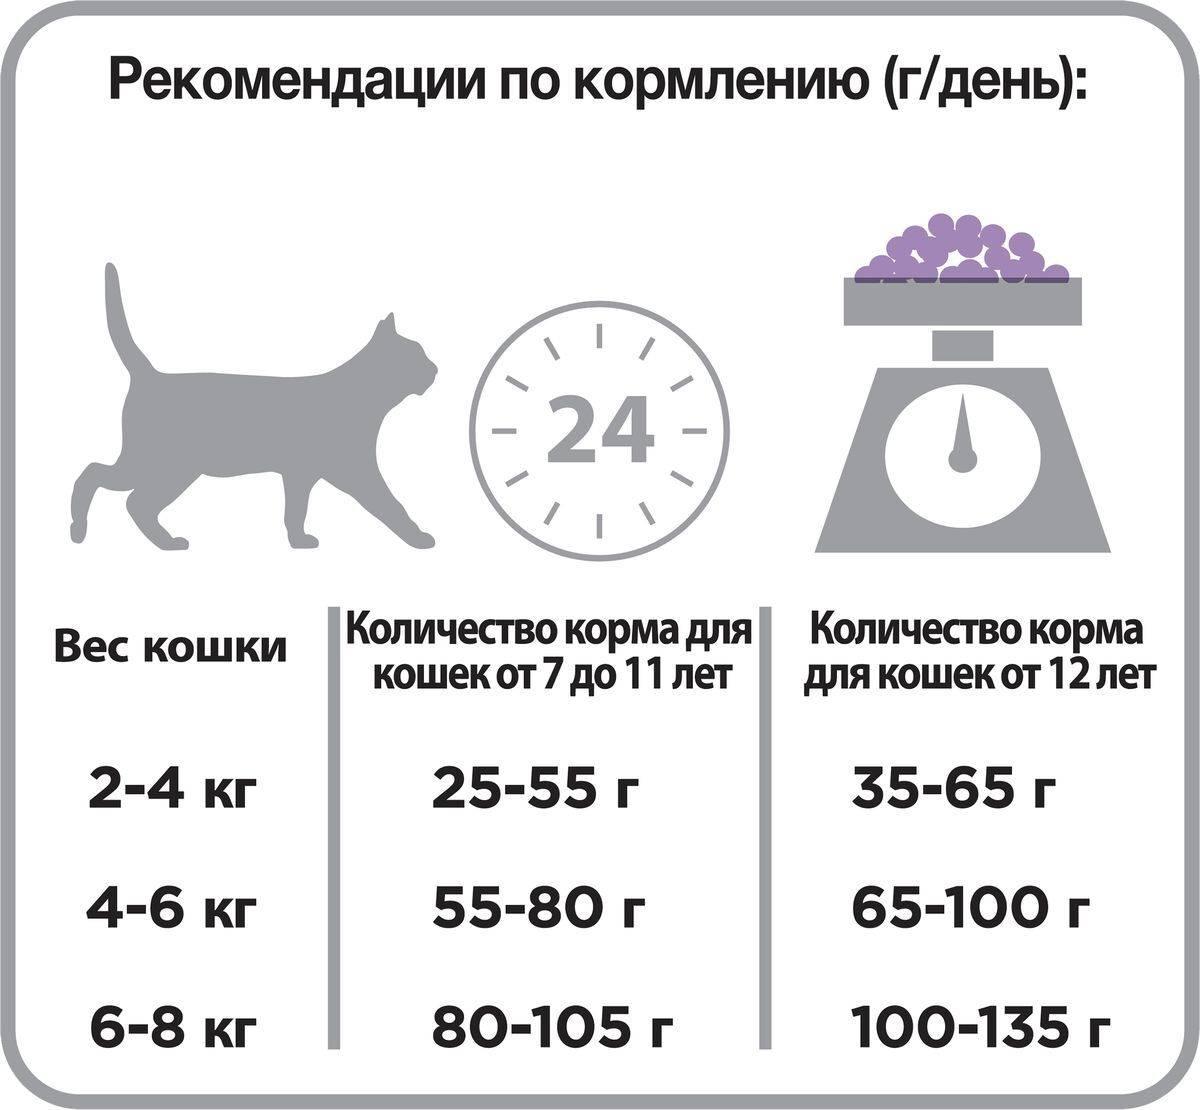 Сколько сухого корма нужно давать кошке в день при разных вариантах кормления